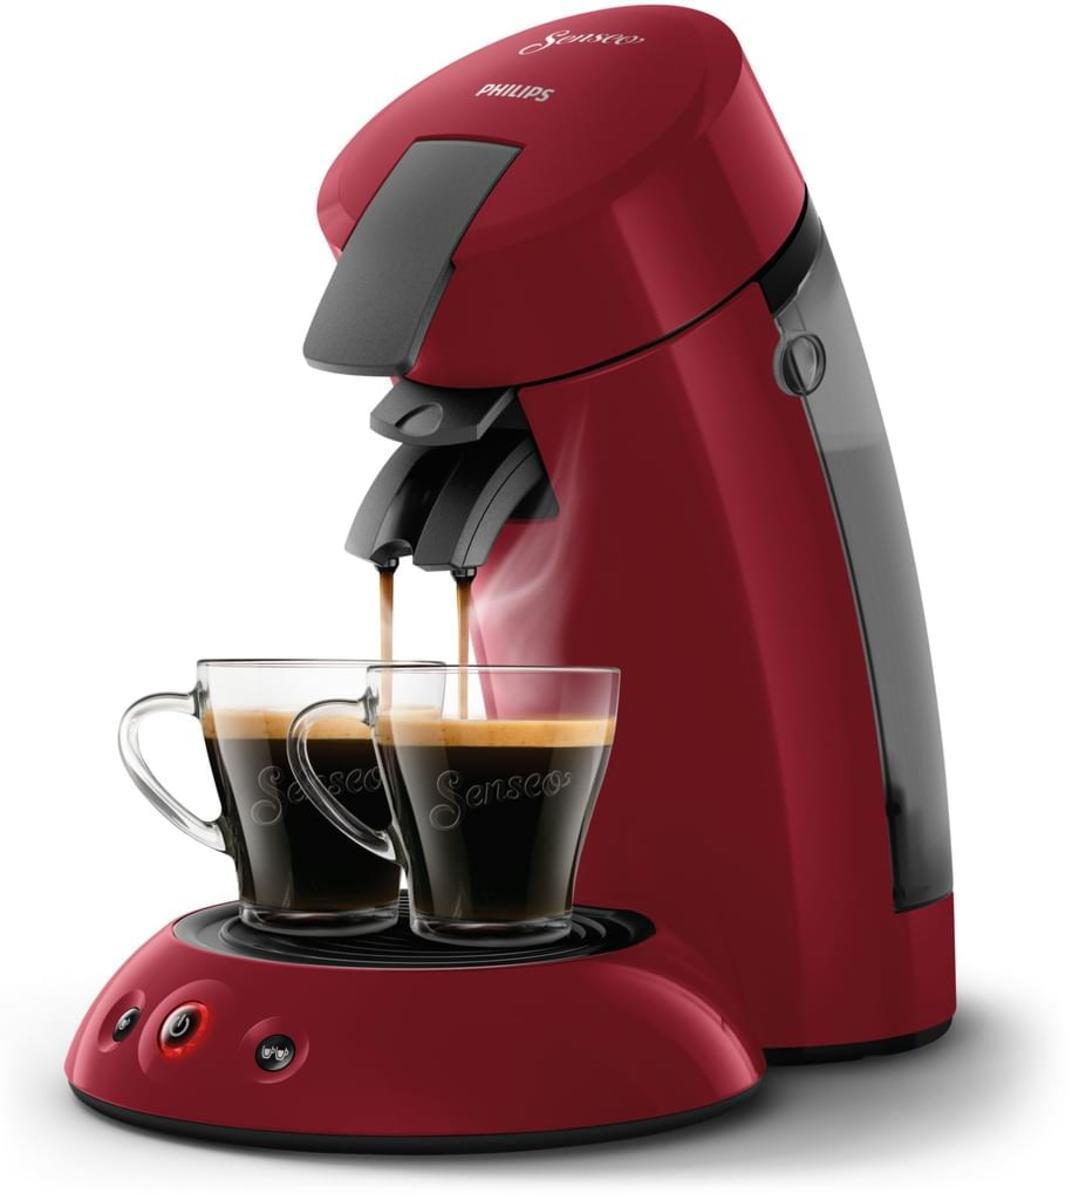 Bild 4 von Philips Senseo Kaffeepadmaschine HD 6553/80 Original, Farbe Rot